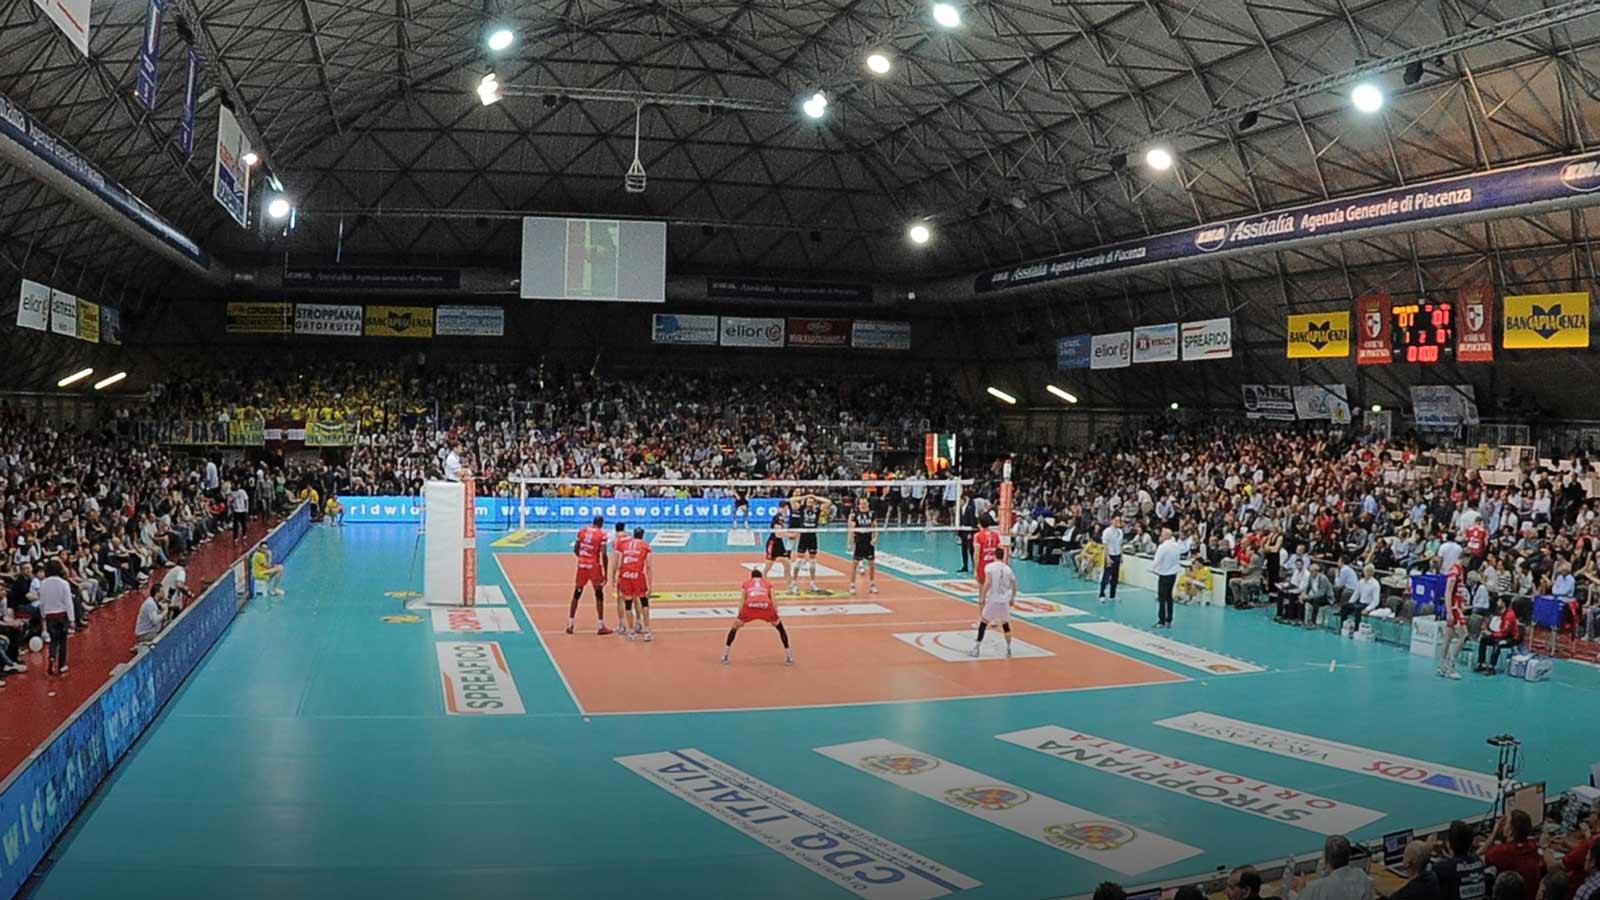 EN DIRECT / LIVE. Dynamo Moskva - Yugra-Samotlor Nizhnevartovsk Super League - 5 février 2017 - Eurosport.fr